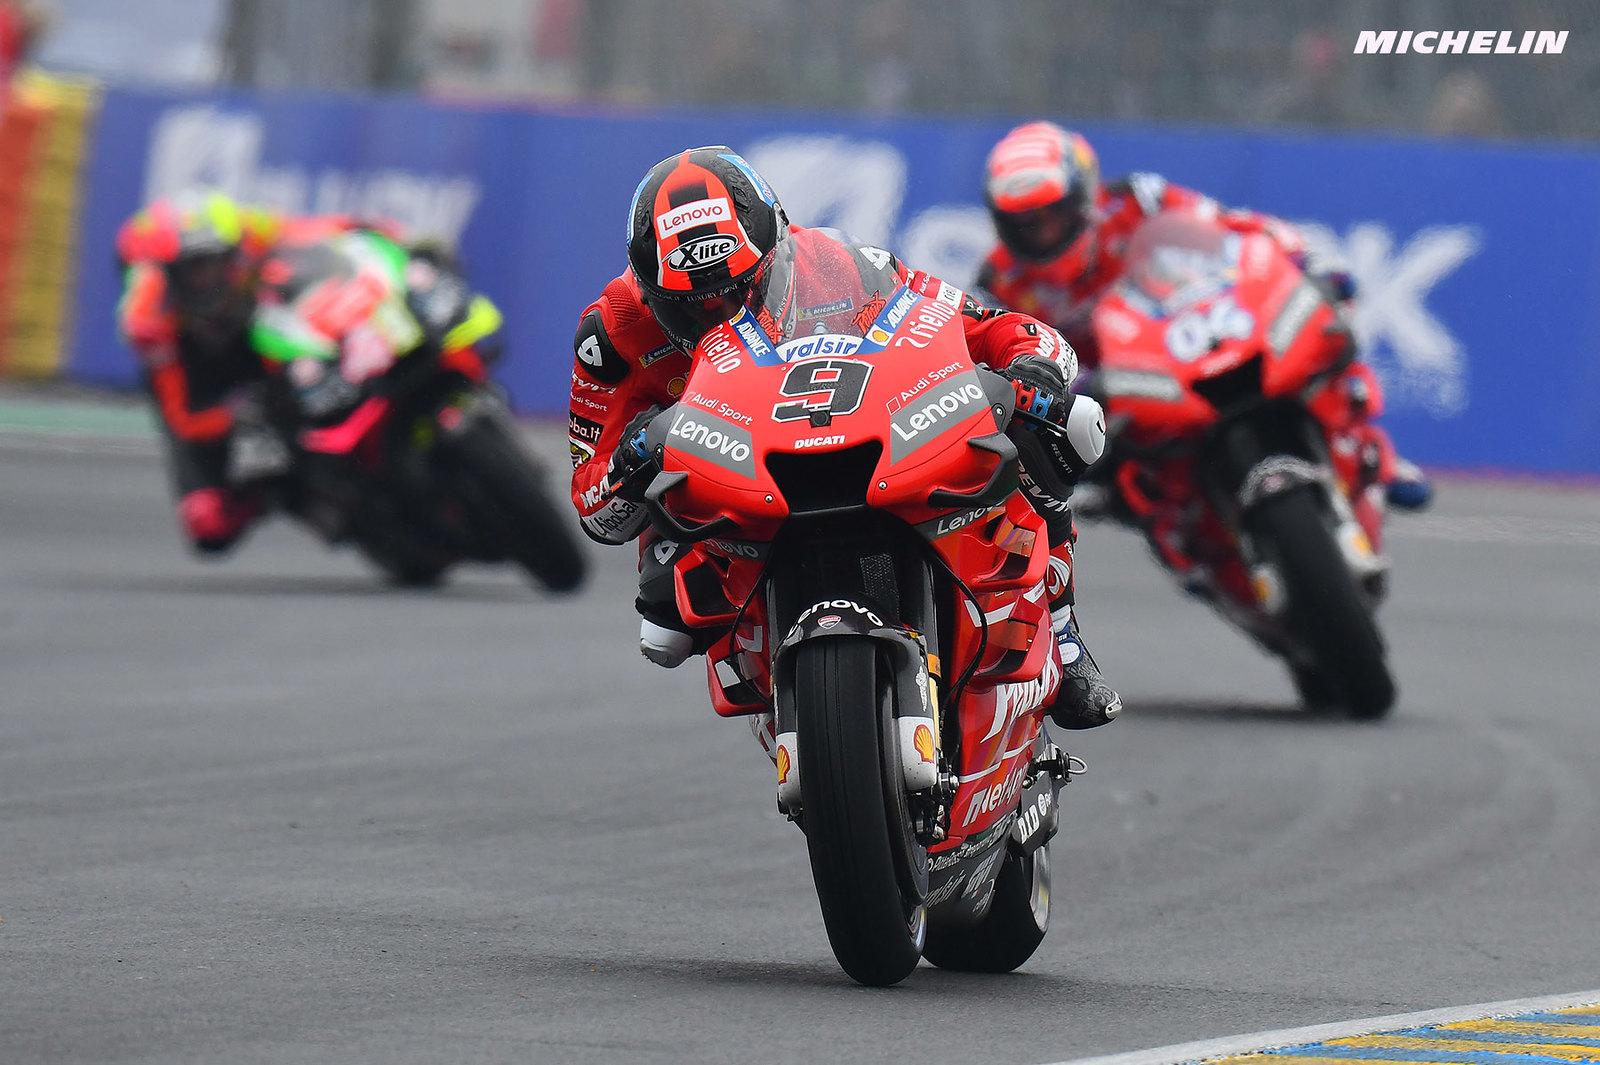 MotoGP2019フランスGP 予選2位ペトルッチ「ファクトリー加入後初の良い予選だった」